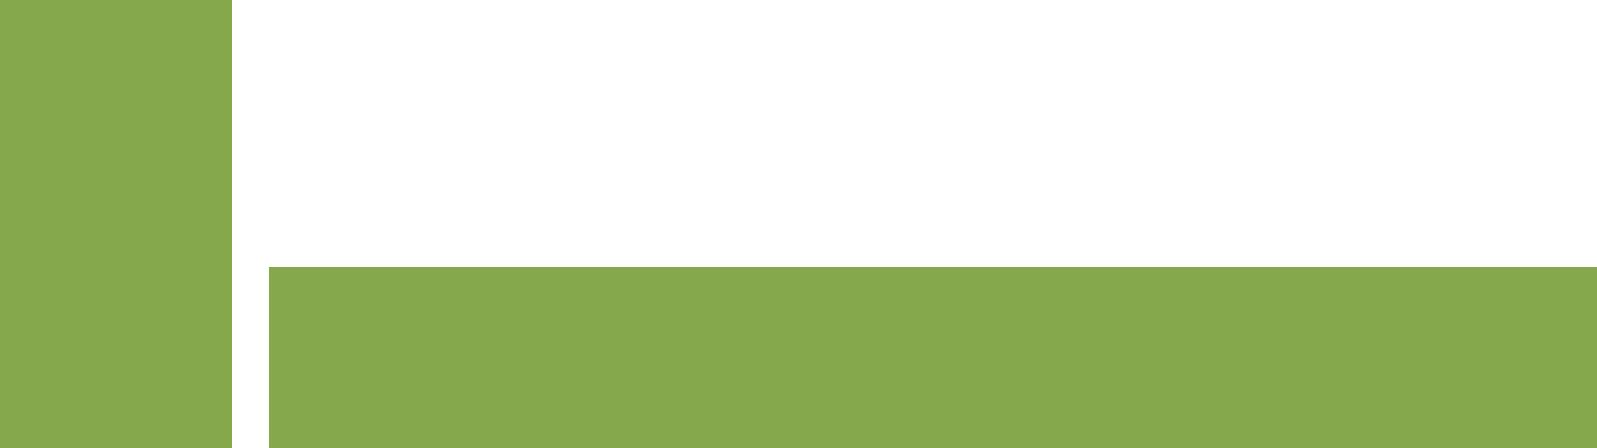 Old Wood LLC logo